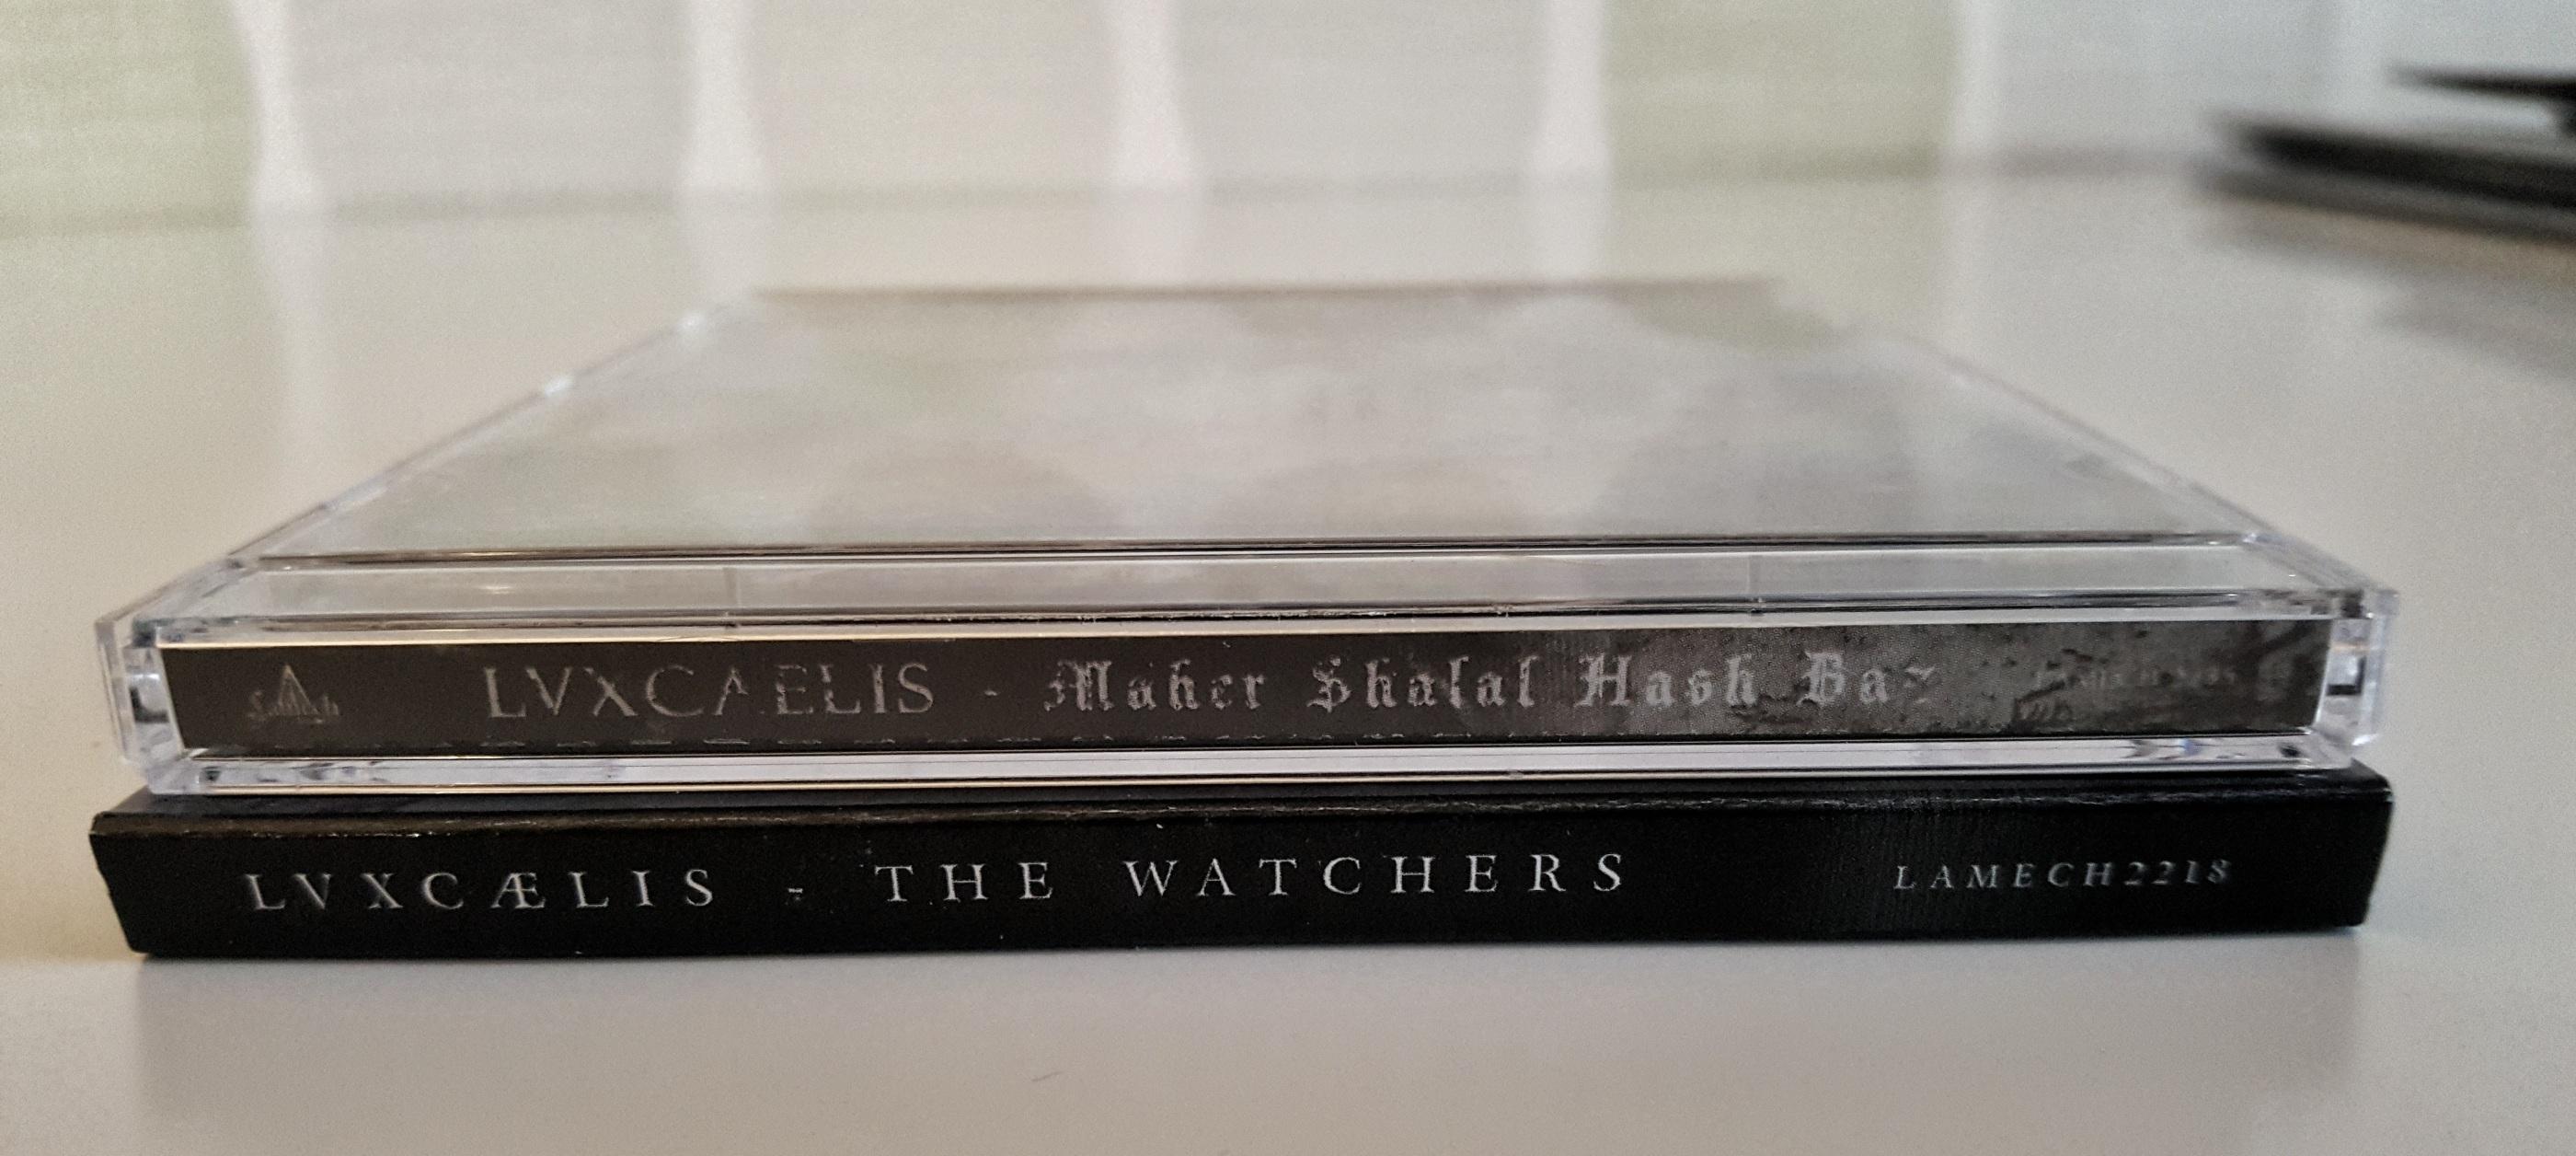 LVXCAELIS - 2 CDs BUNDLE